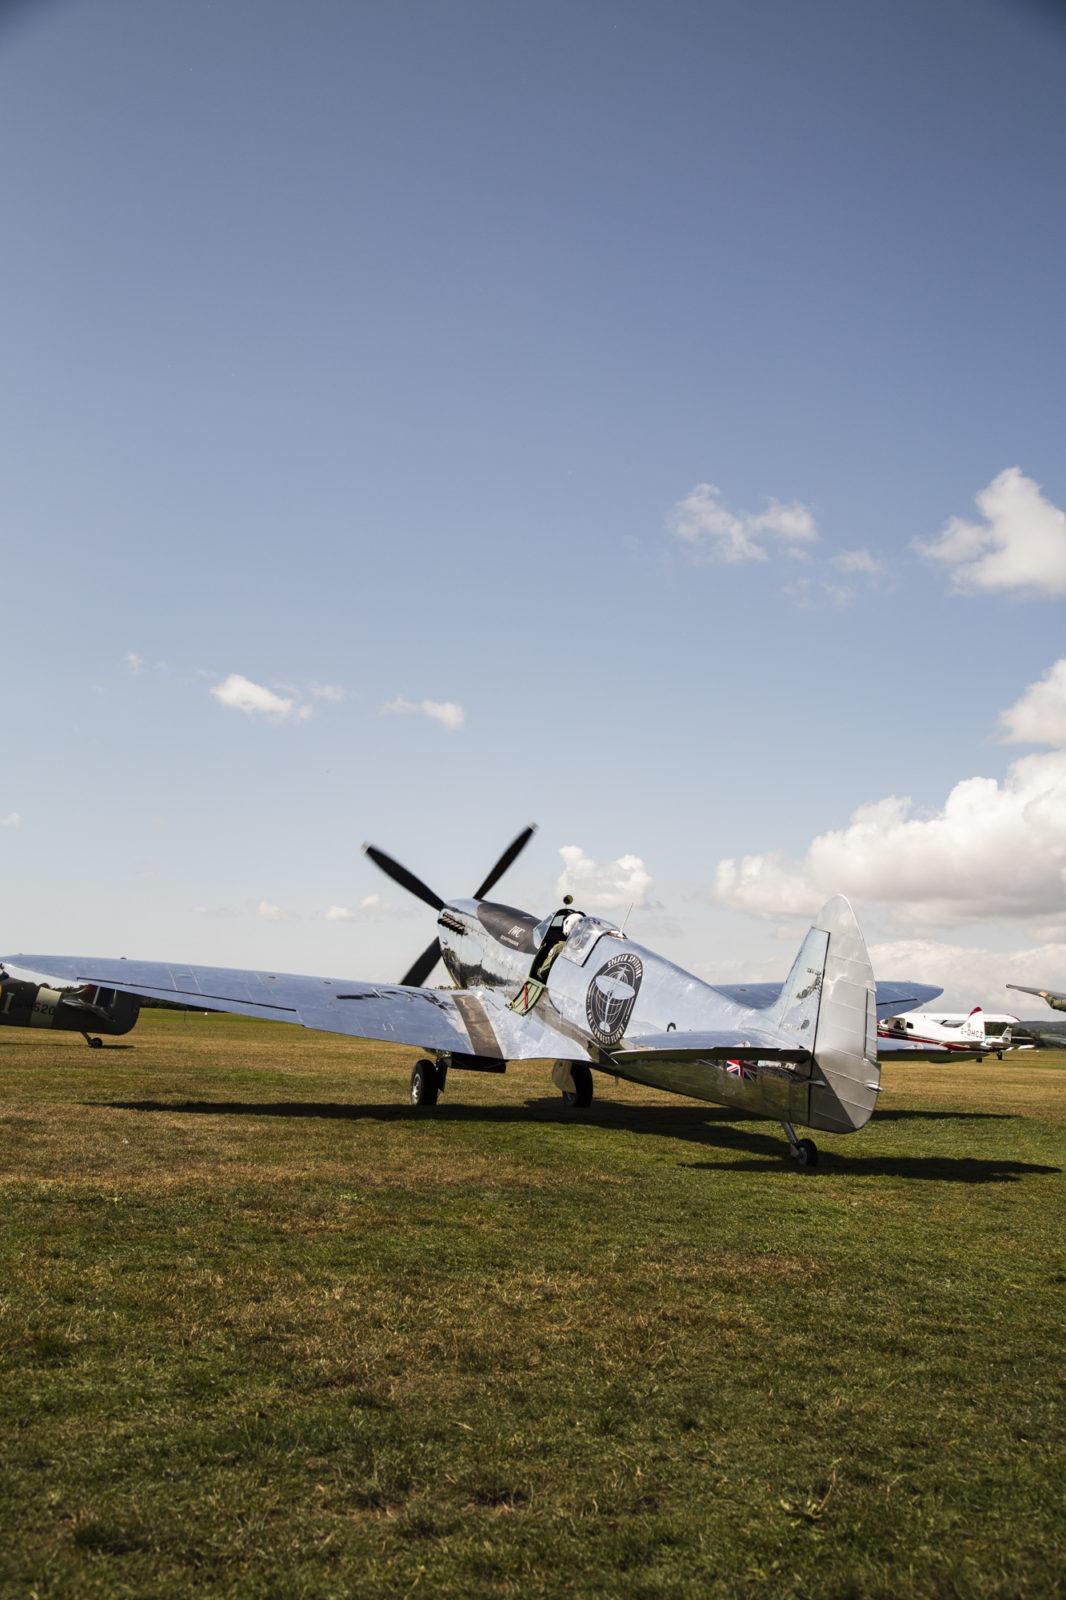 IWC Célèbre The Longest Flight - Spitfire